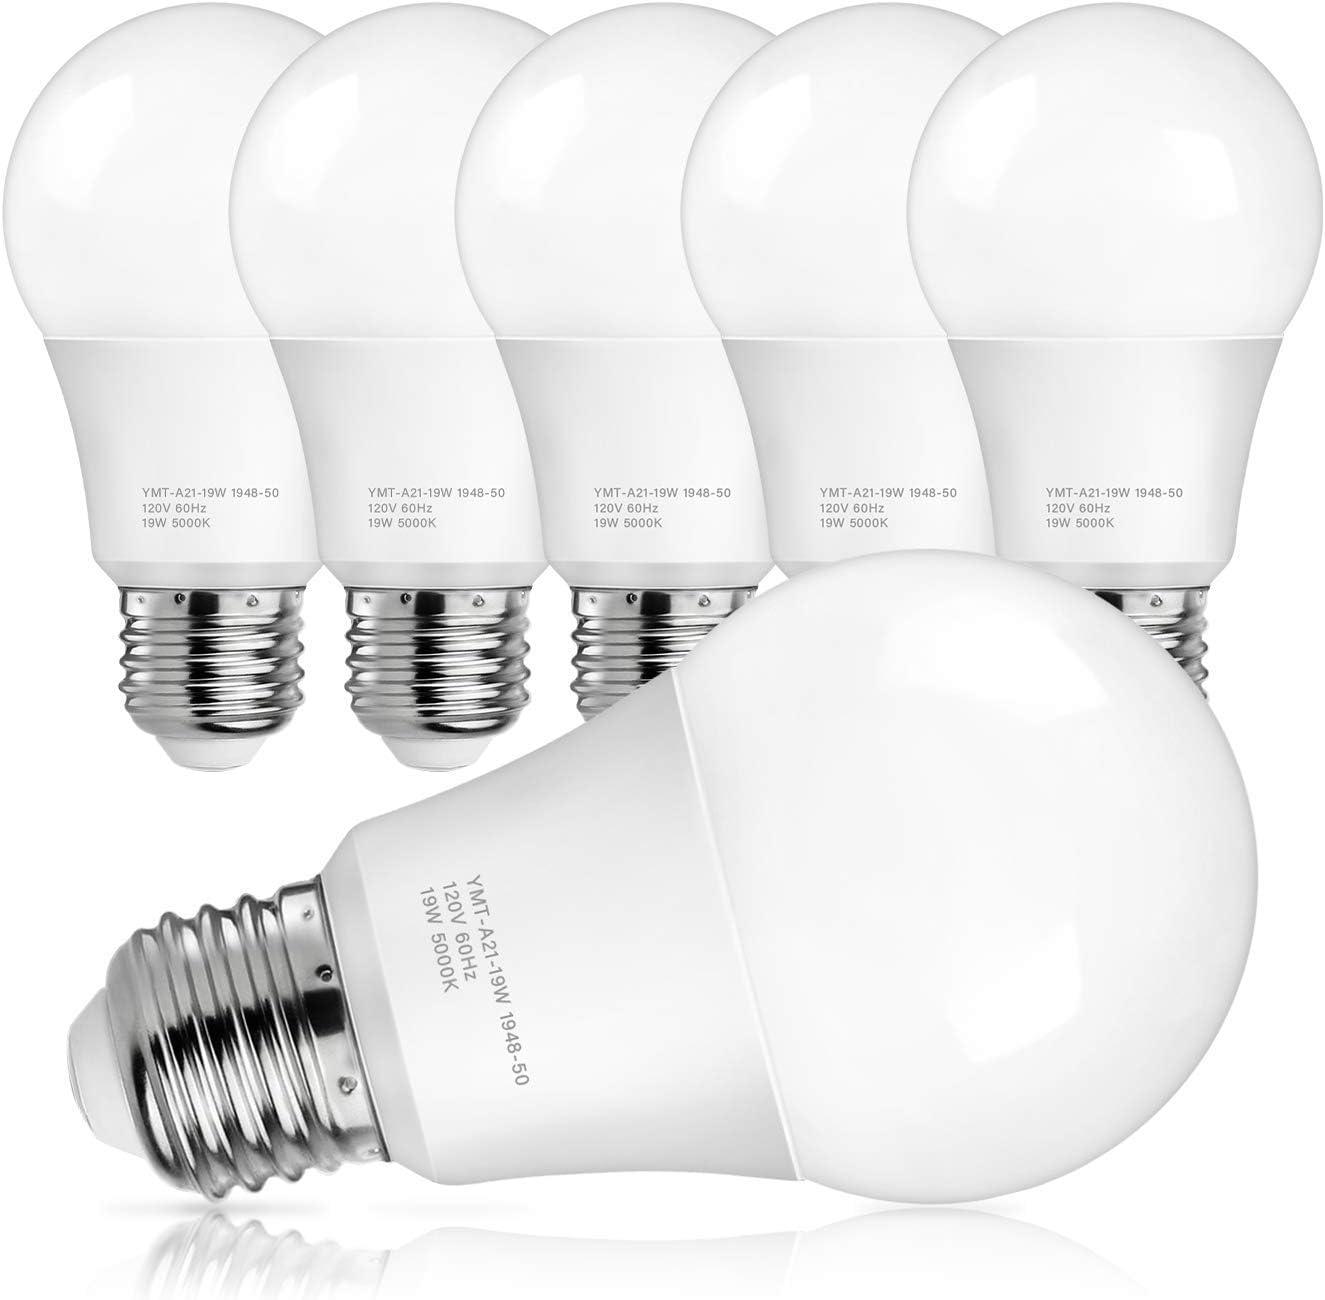 A21 LED Light Bulbs, 150 Watt Equivalent LED Bulbs, Daylight White 5000K, 2600 Lumens, E26 Standard Base, Non-Dimmable, 19W Light Bulbs for Bedroom Bathroom Living Room Commercial Lighting, Pack of 6